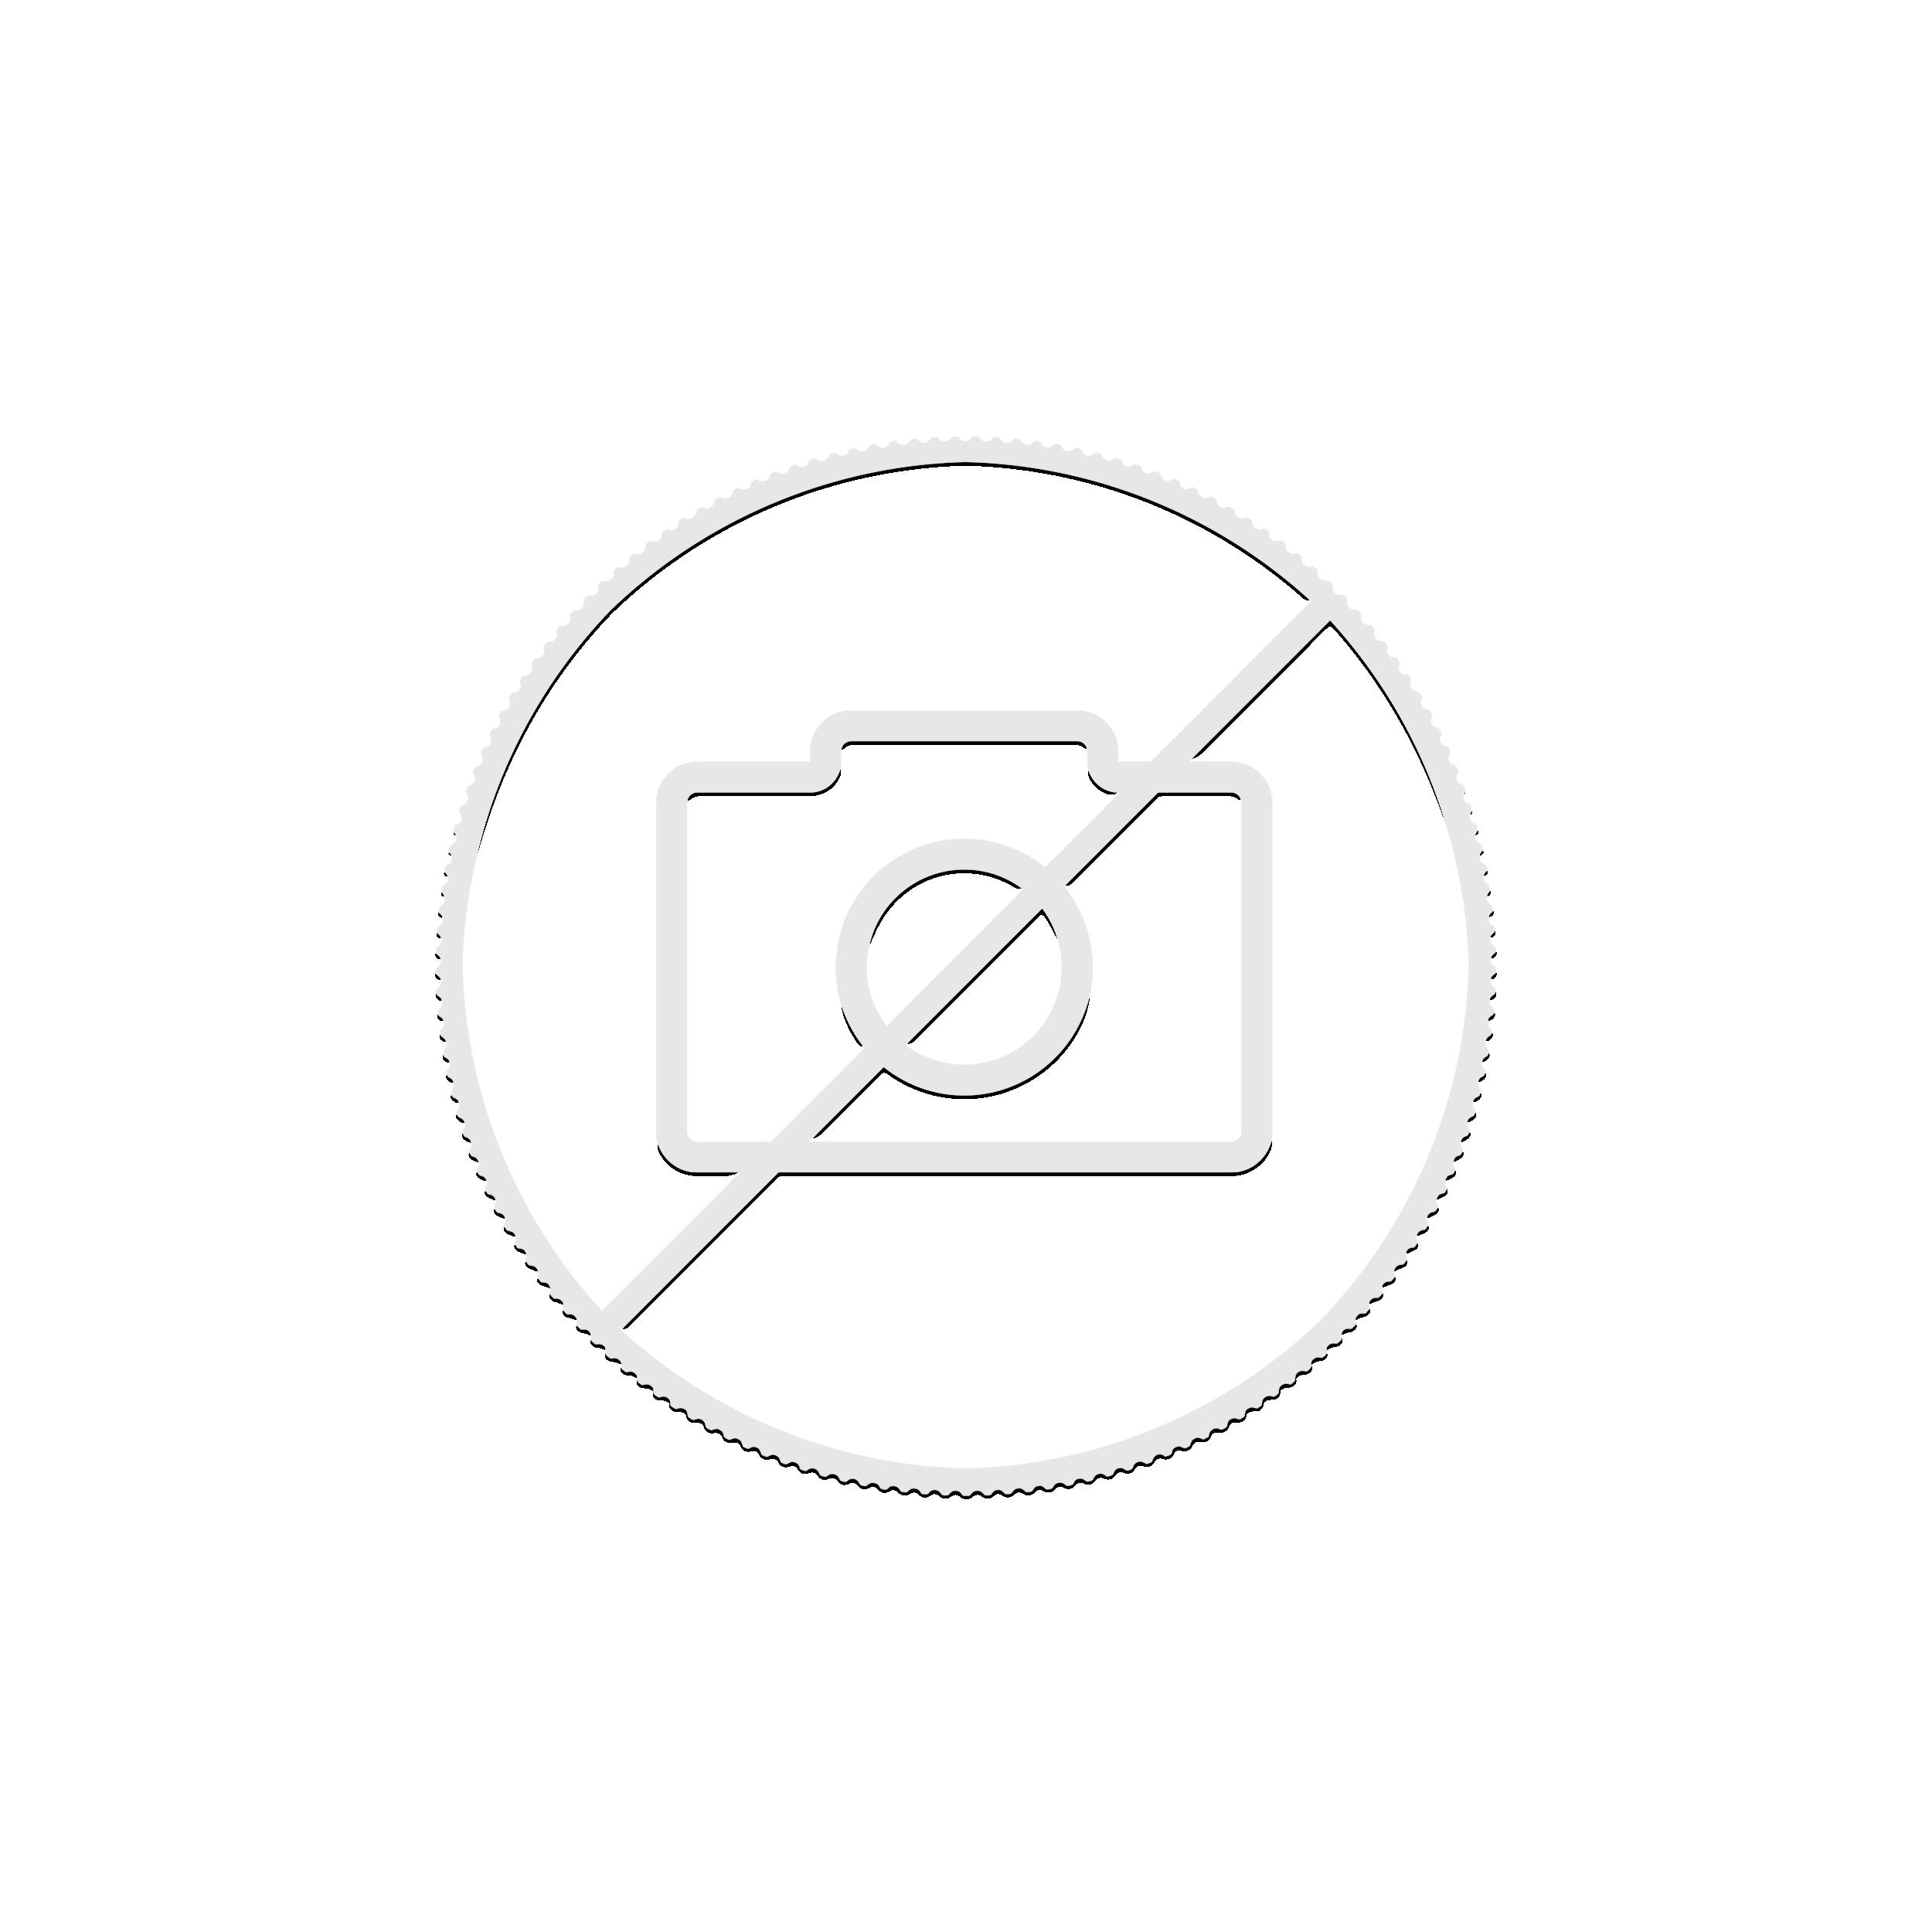 1 troy ounce golden coin Britannia 2021